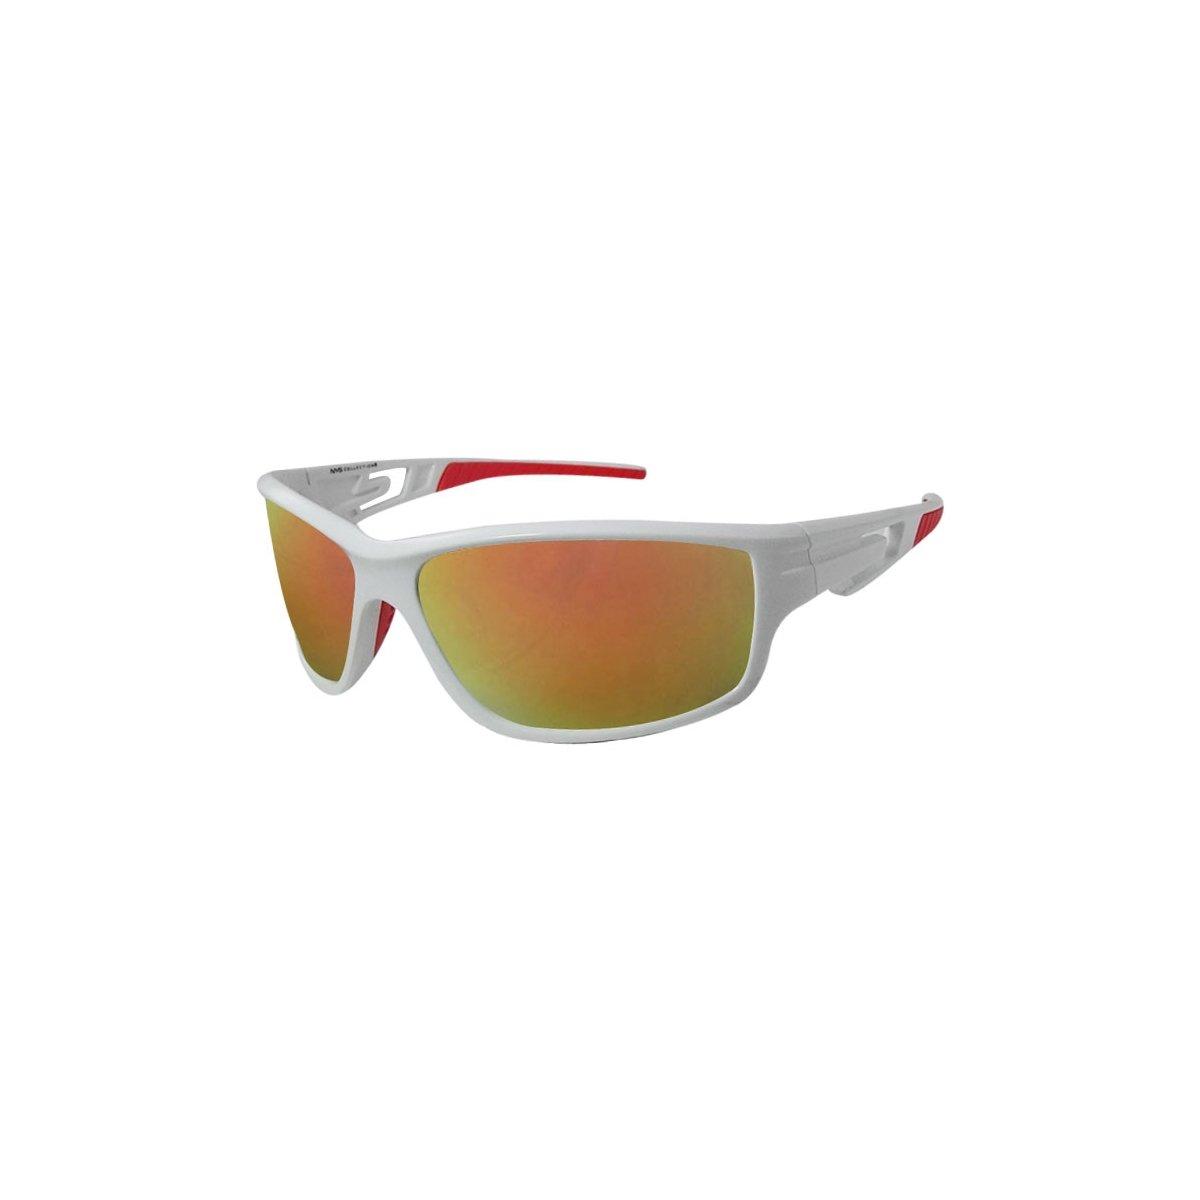 Óculos de Sol NYS Collection 82-0101 - Compre Agora   Netshoes 4972712707